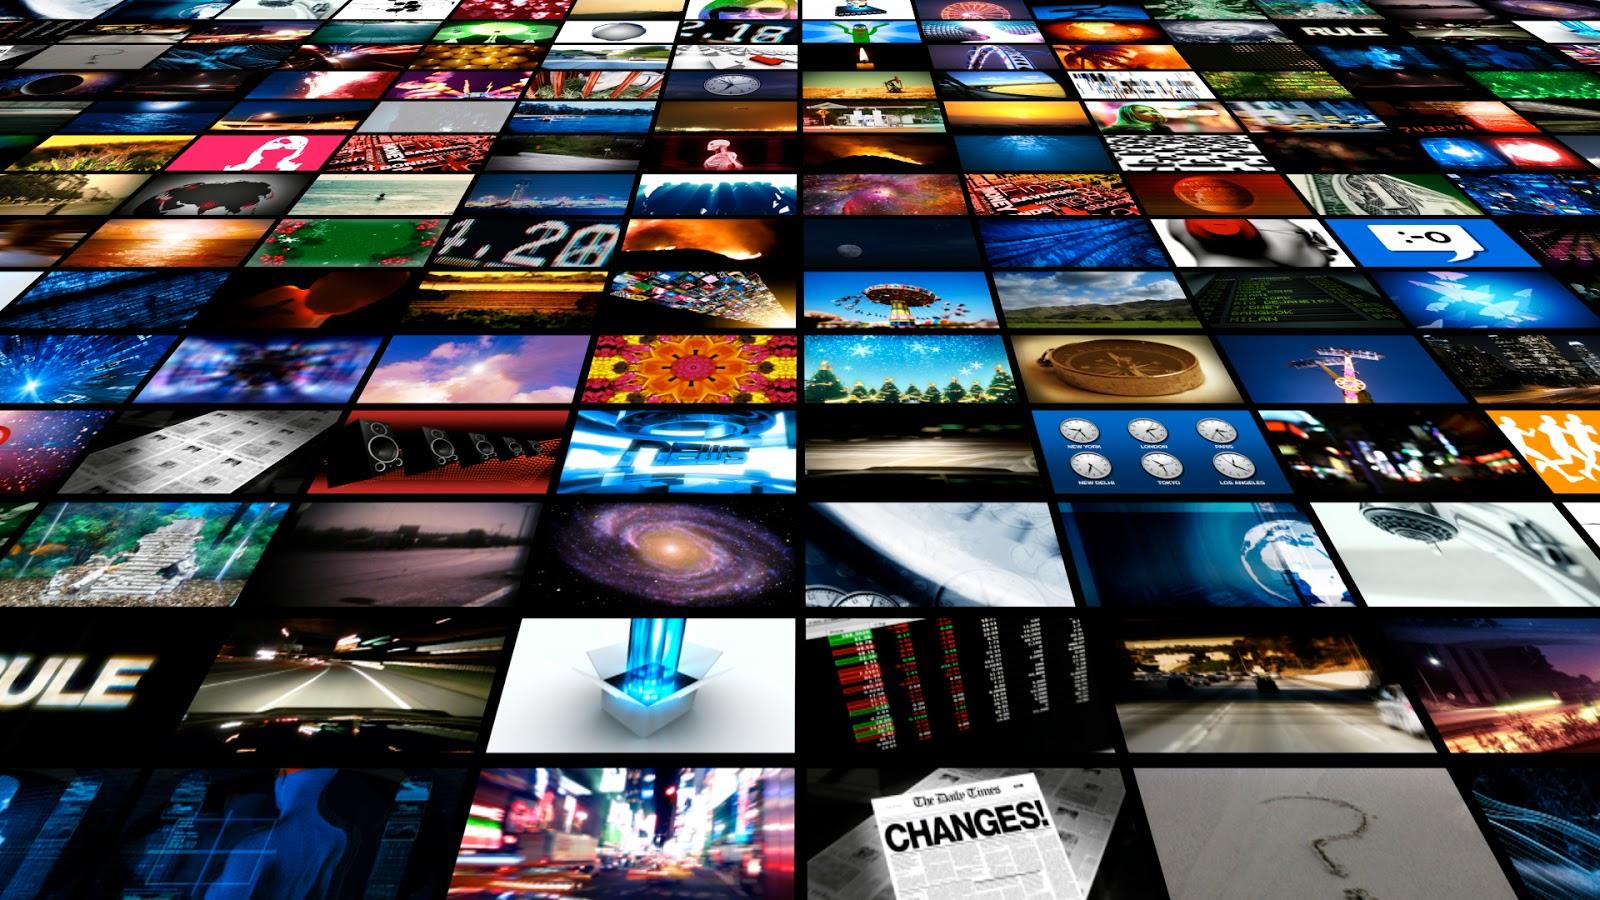 Download VideoPad Gratis, Software Video Editor Lengkap (Windows, Mac, iPad, dan Android)